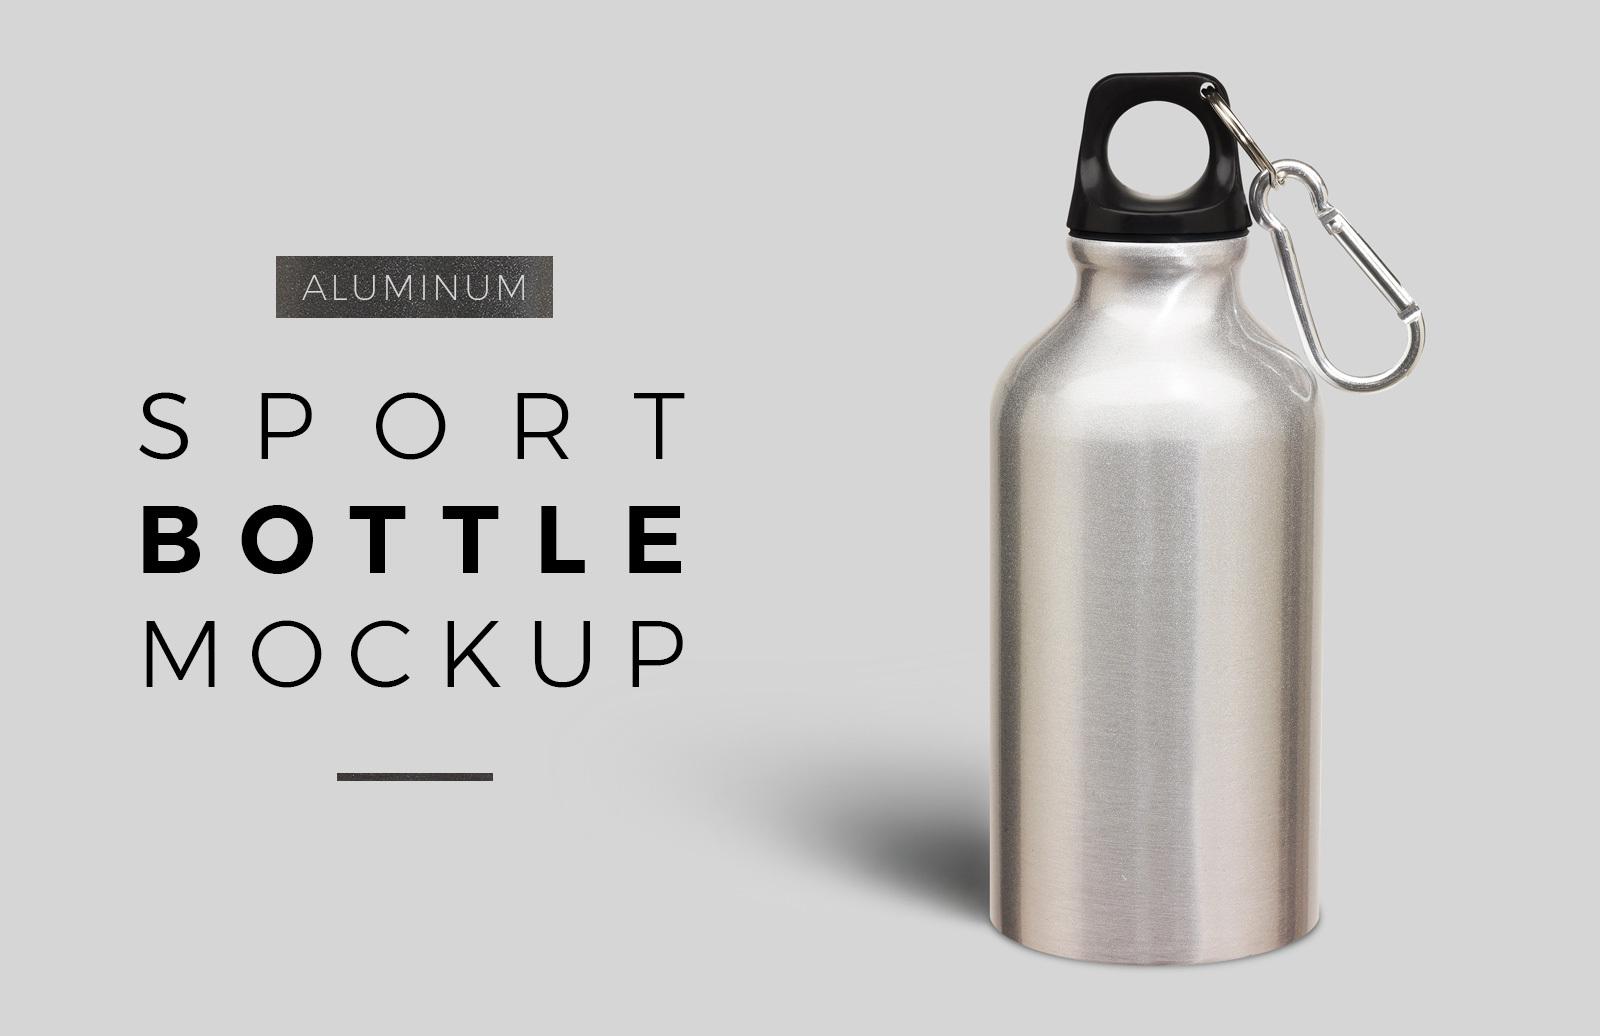 Aluminum Sport Bottle Mockup